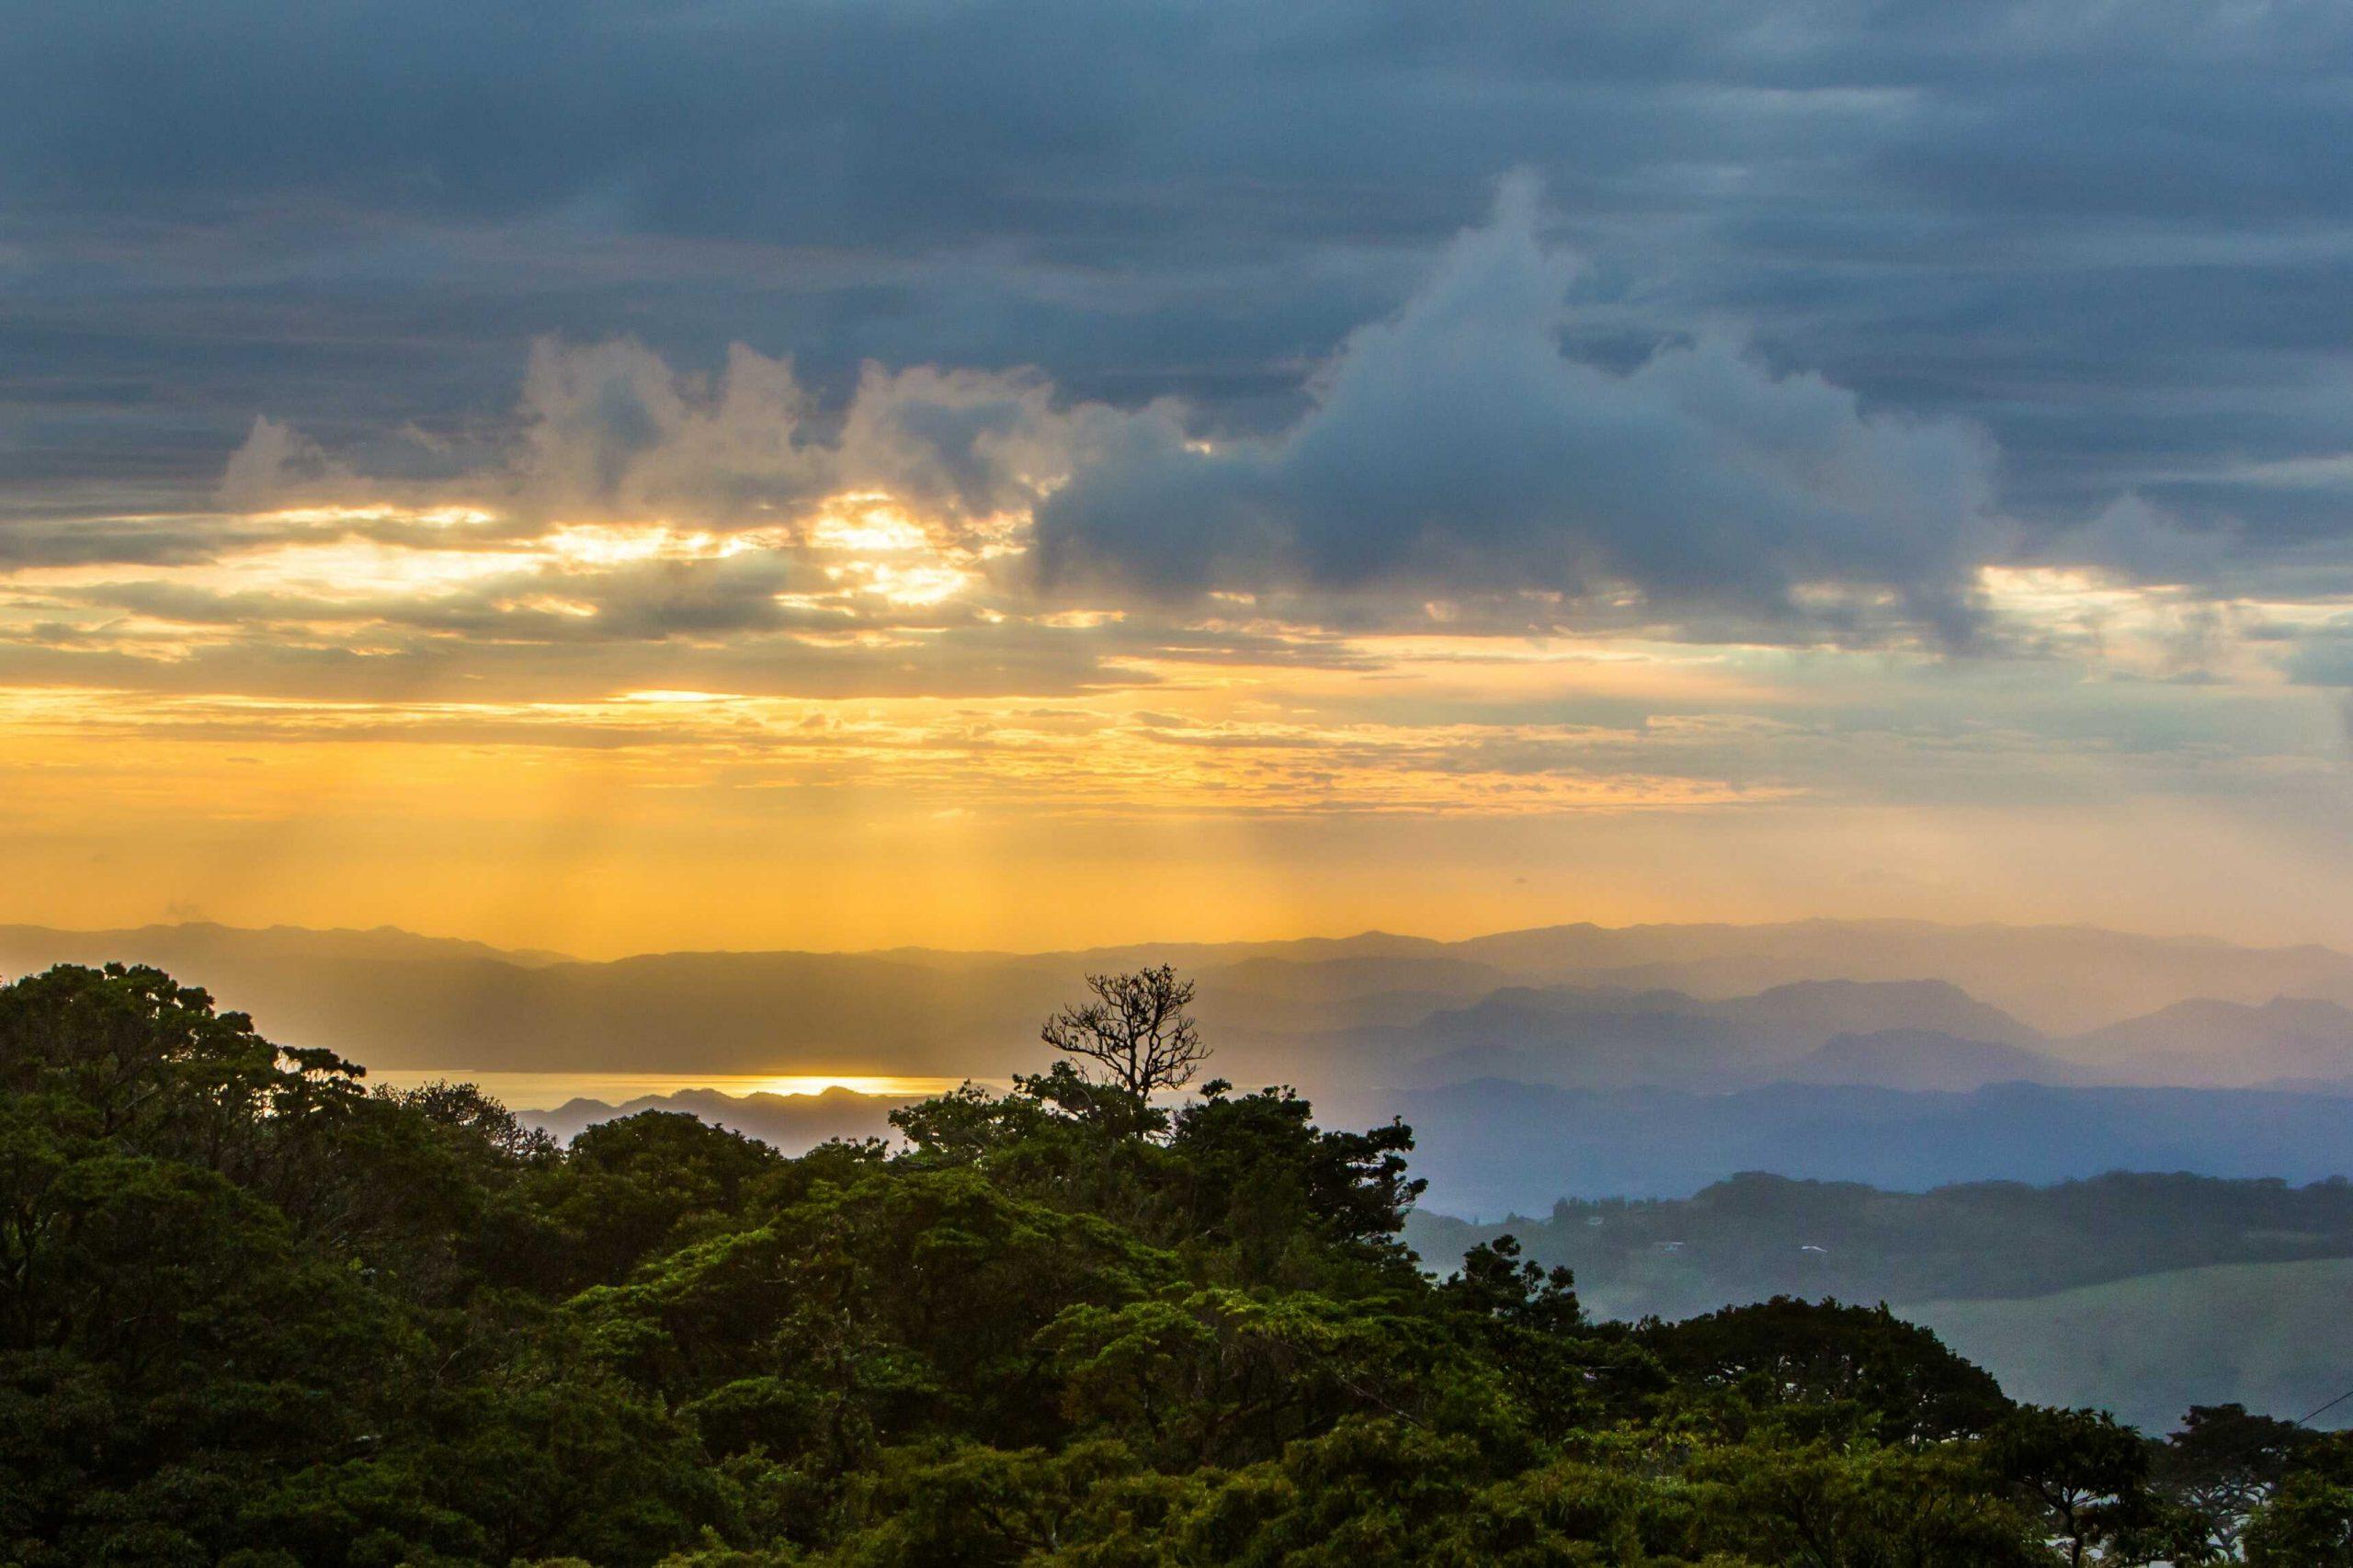 Bezienswaardigheden in Costa Rica